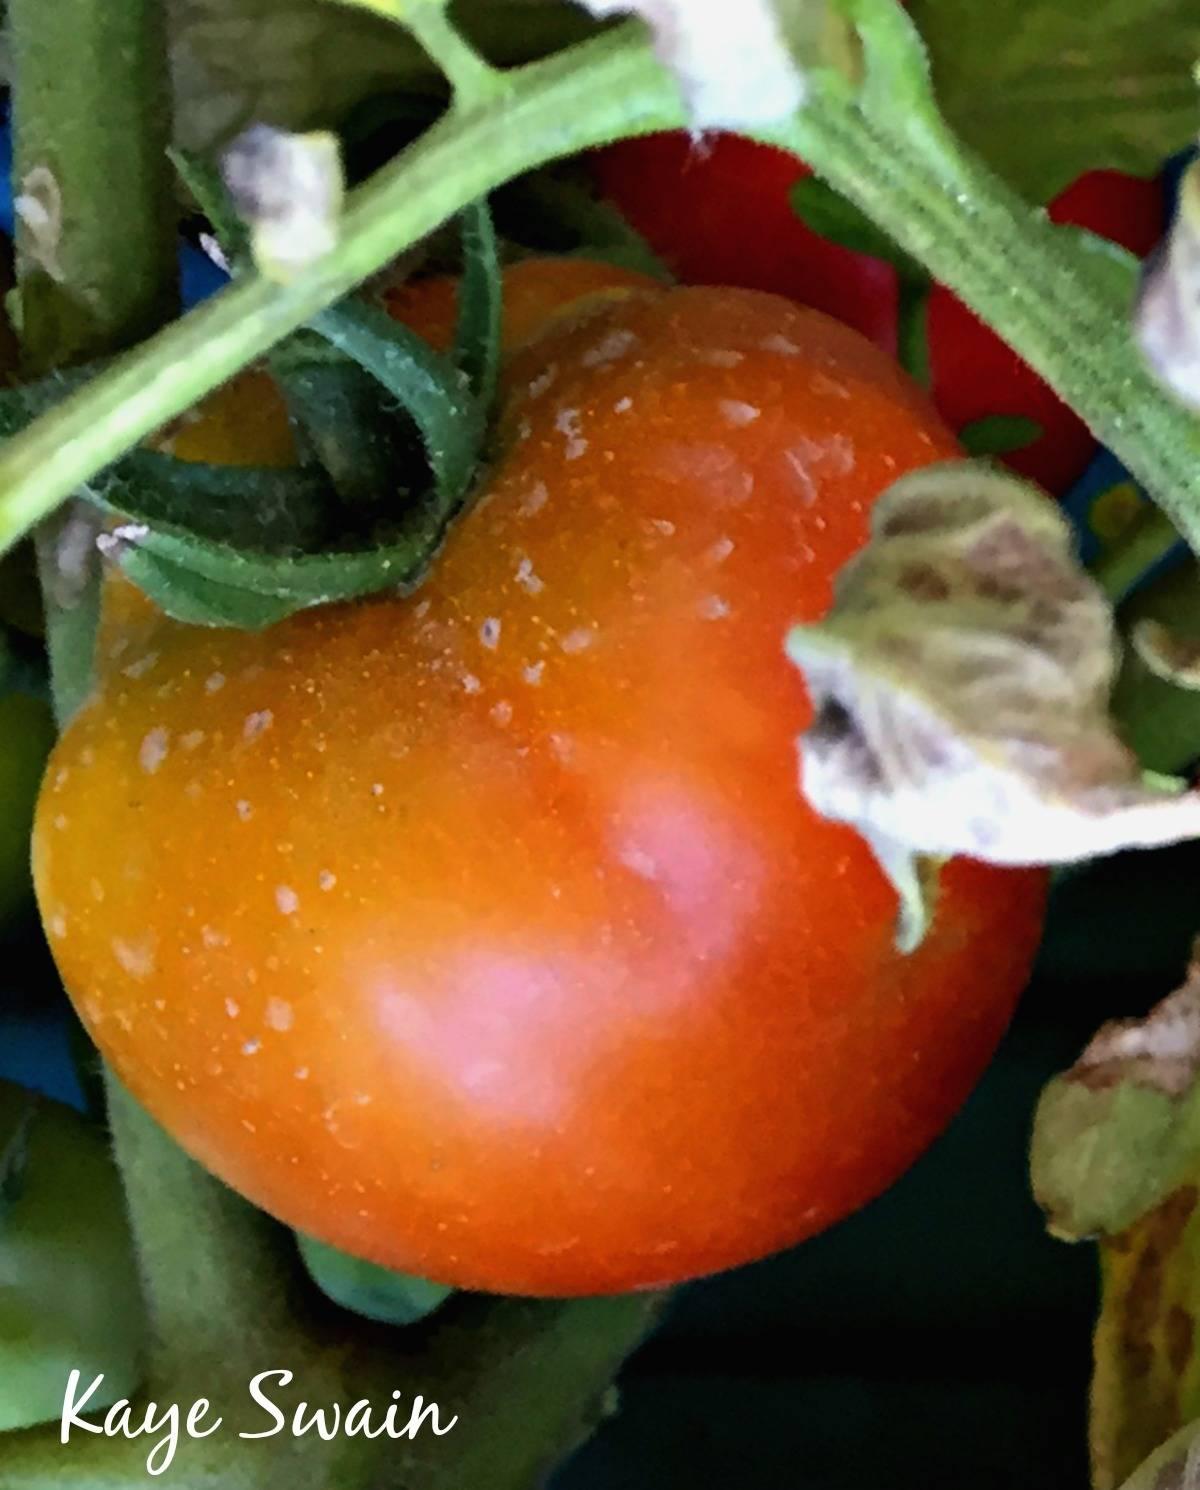 Kaye Swain Roseville Real Estate Agent Shares Senior Moms Tomato Better Than Any Healthy Eating Restaurants